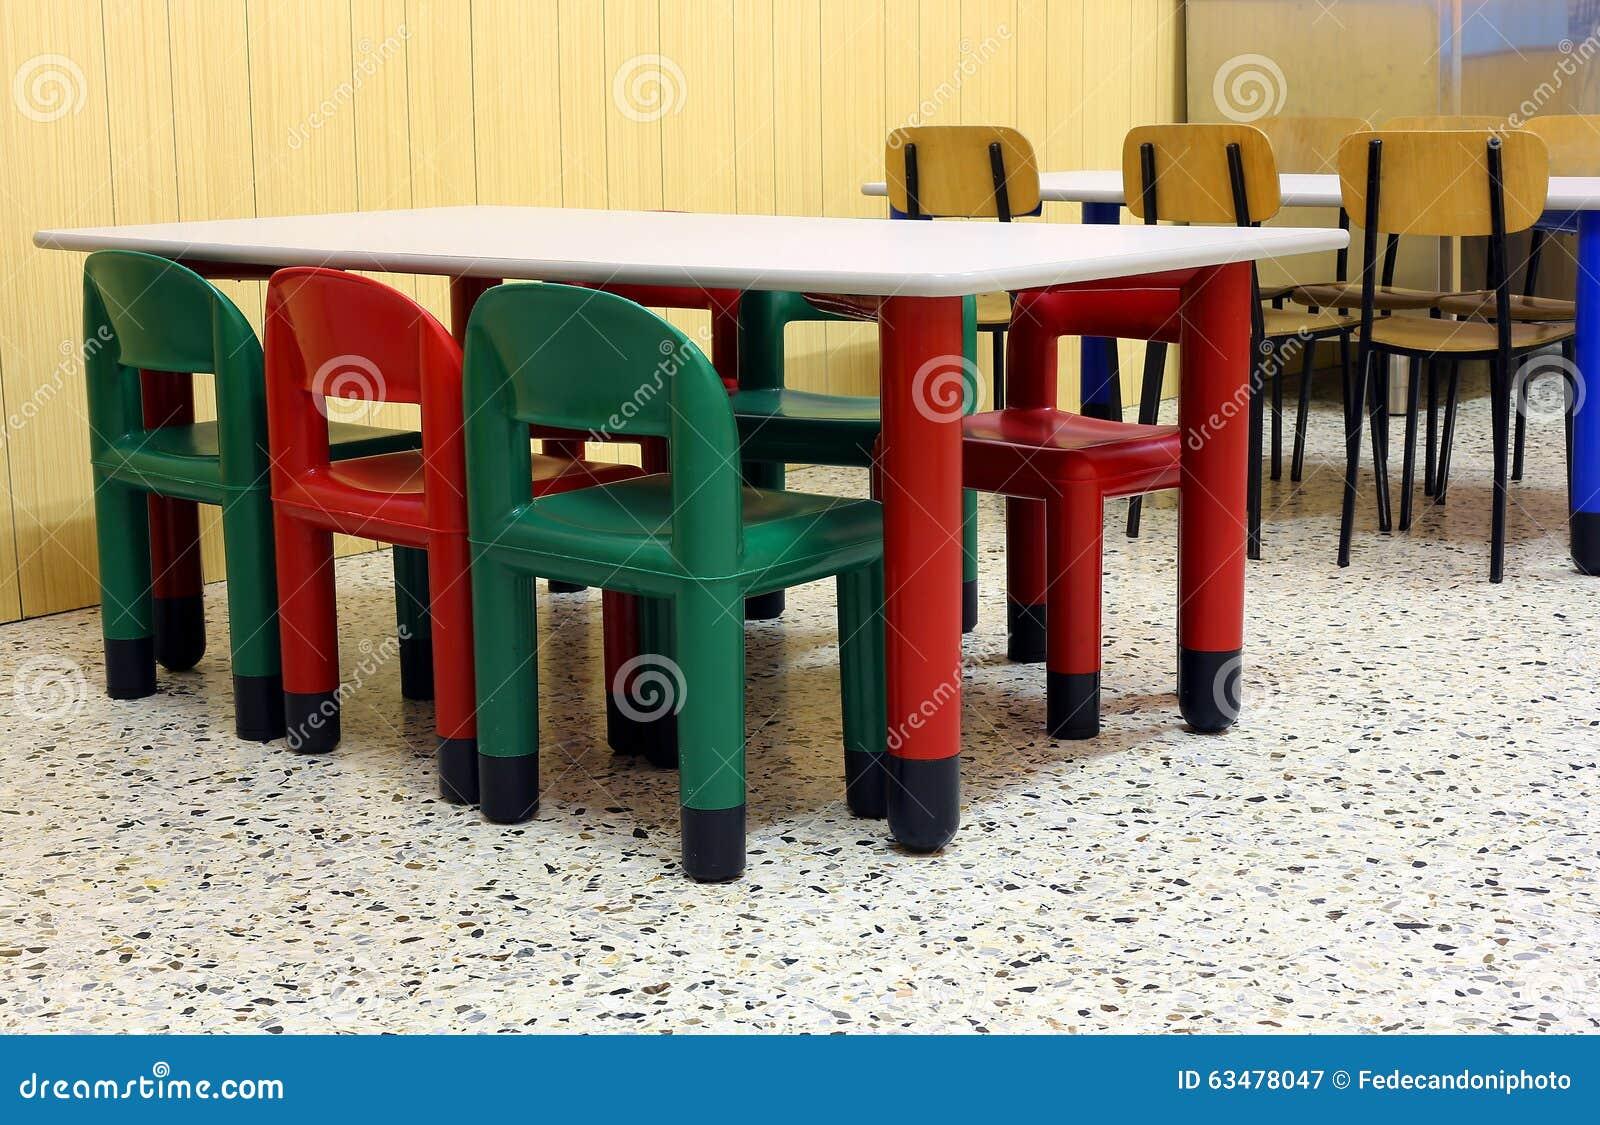 Farbige Tabellen Und Stuhle Im Esszimmer Des Kindergartens Stockbild